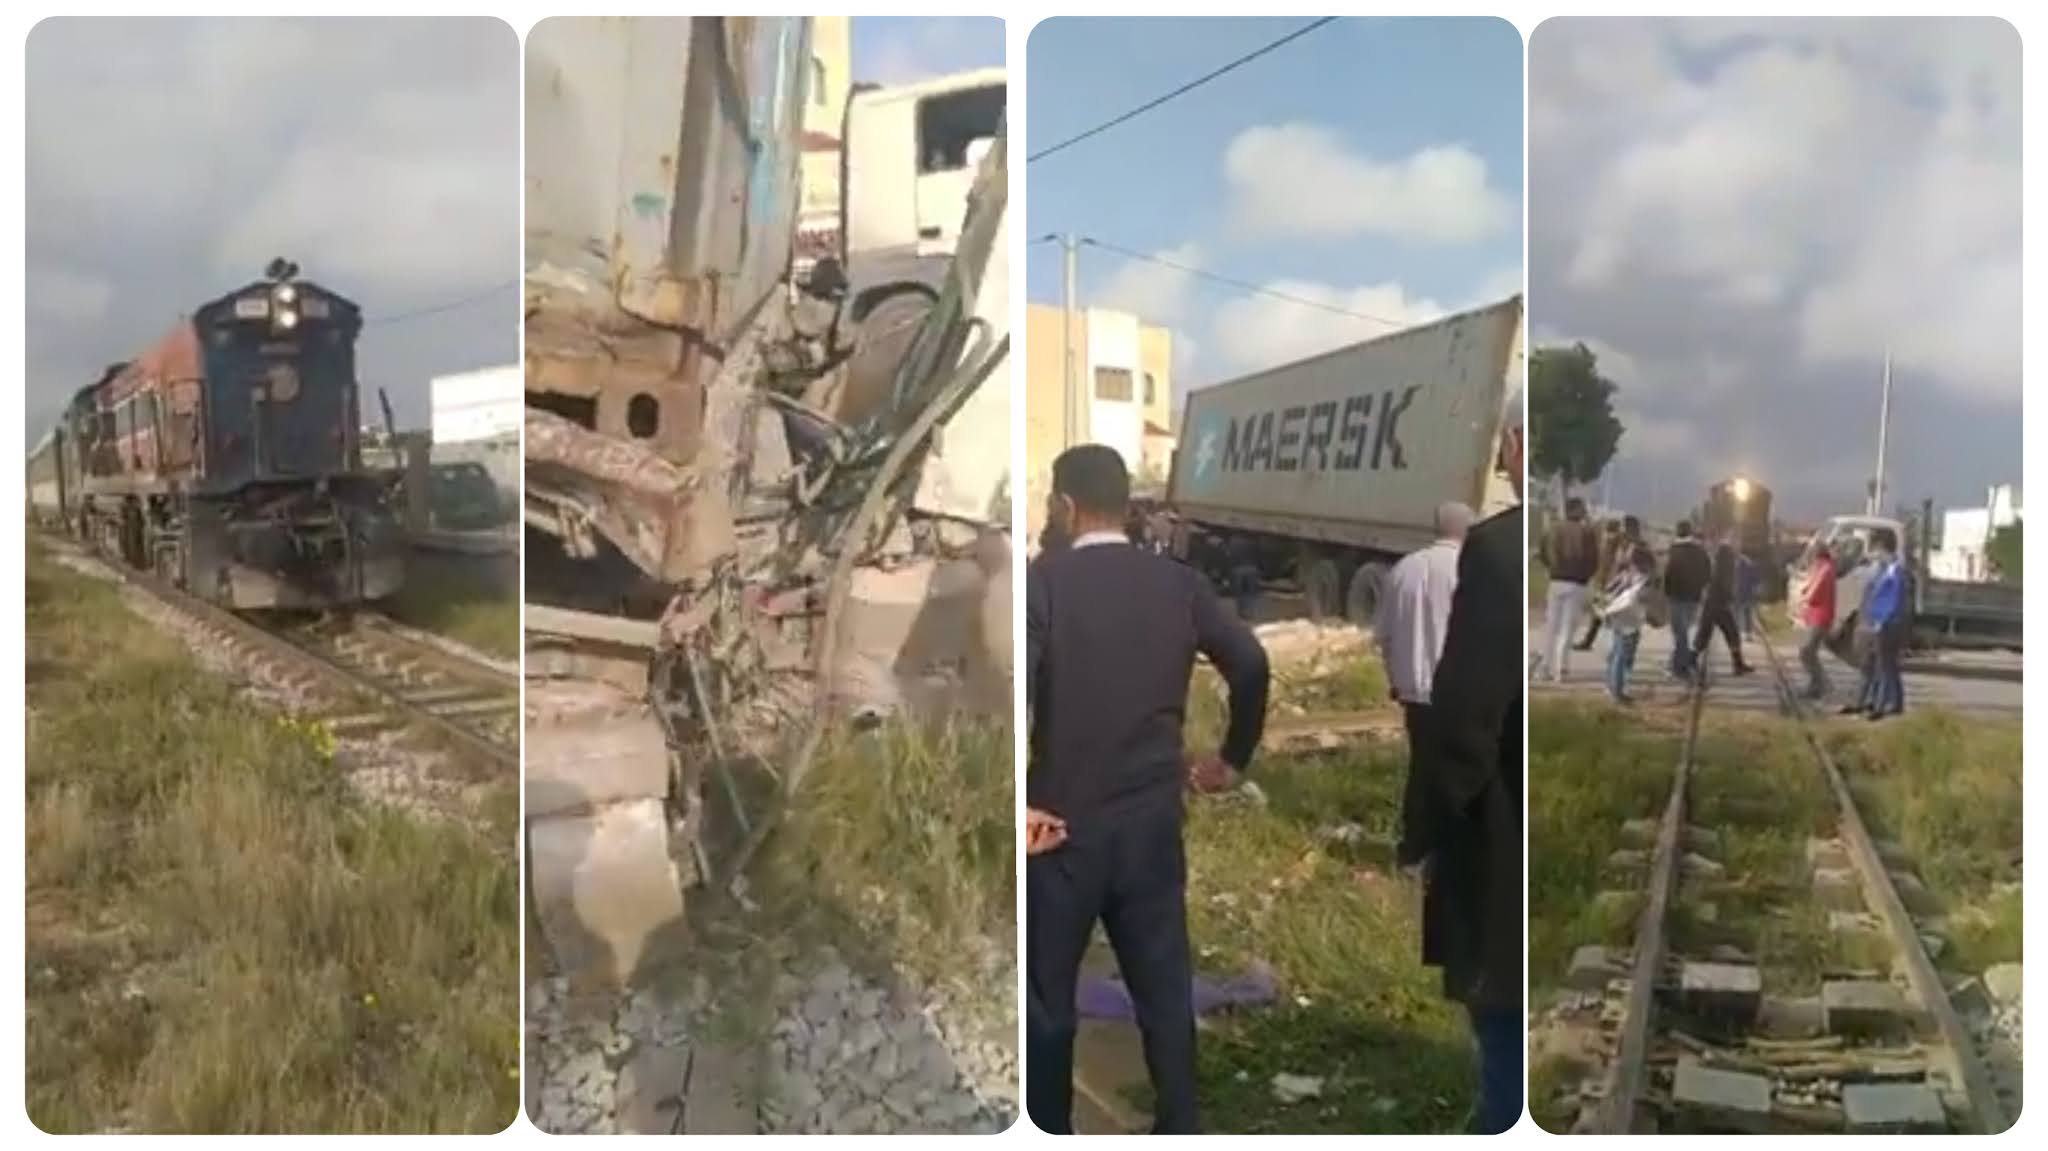 بالفيديو اصطدام قطار بشاحنة ثقيلة على مستوى زنقة العيادي طريق تونس ساقية الزيت.